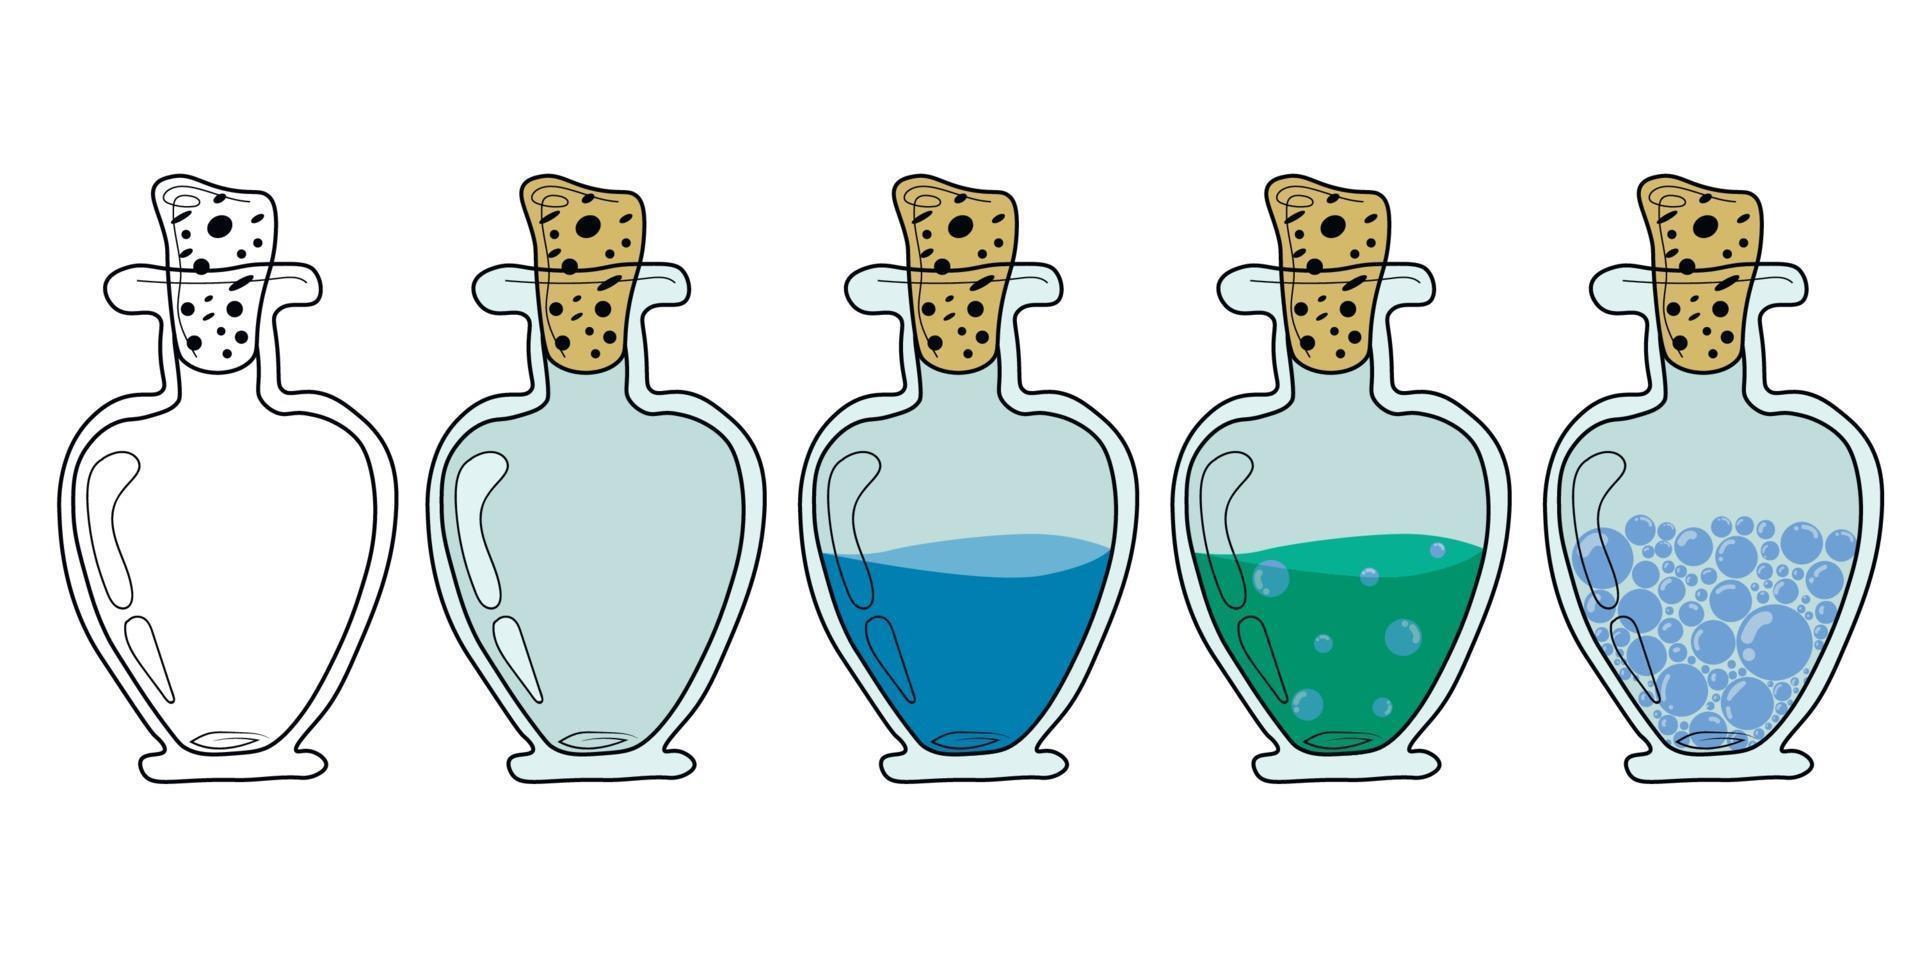 een glazen, plastic flessen met een toverdrank. een toverdrank. elixer. platte vectorillustratie. glazen flessen met verschillende vullingen, met water, met lexir. lege fles. magische fles. alchimie vector